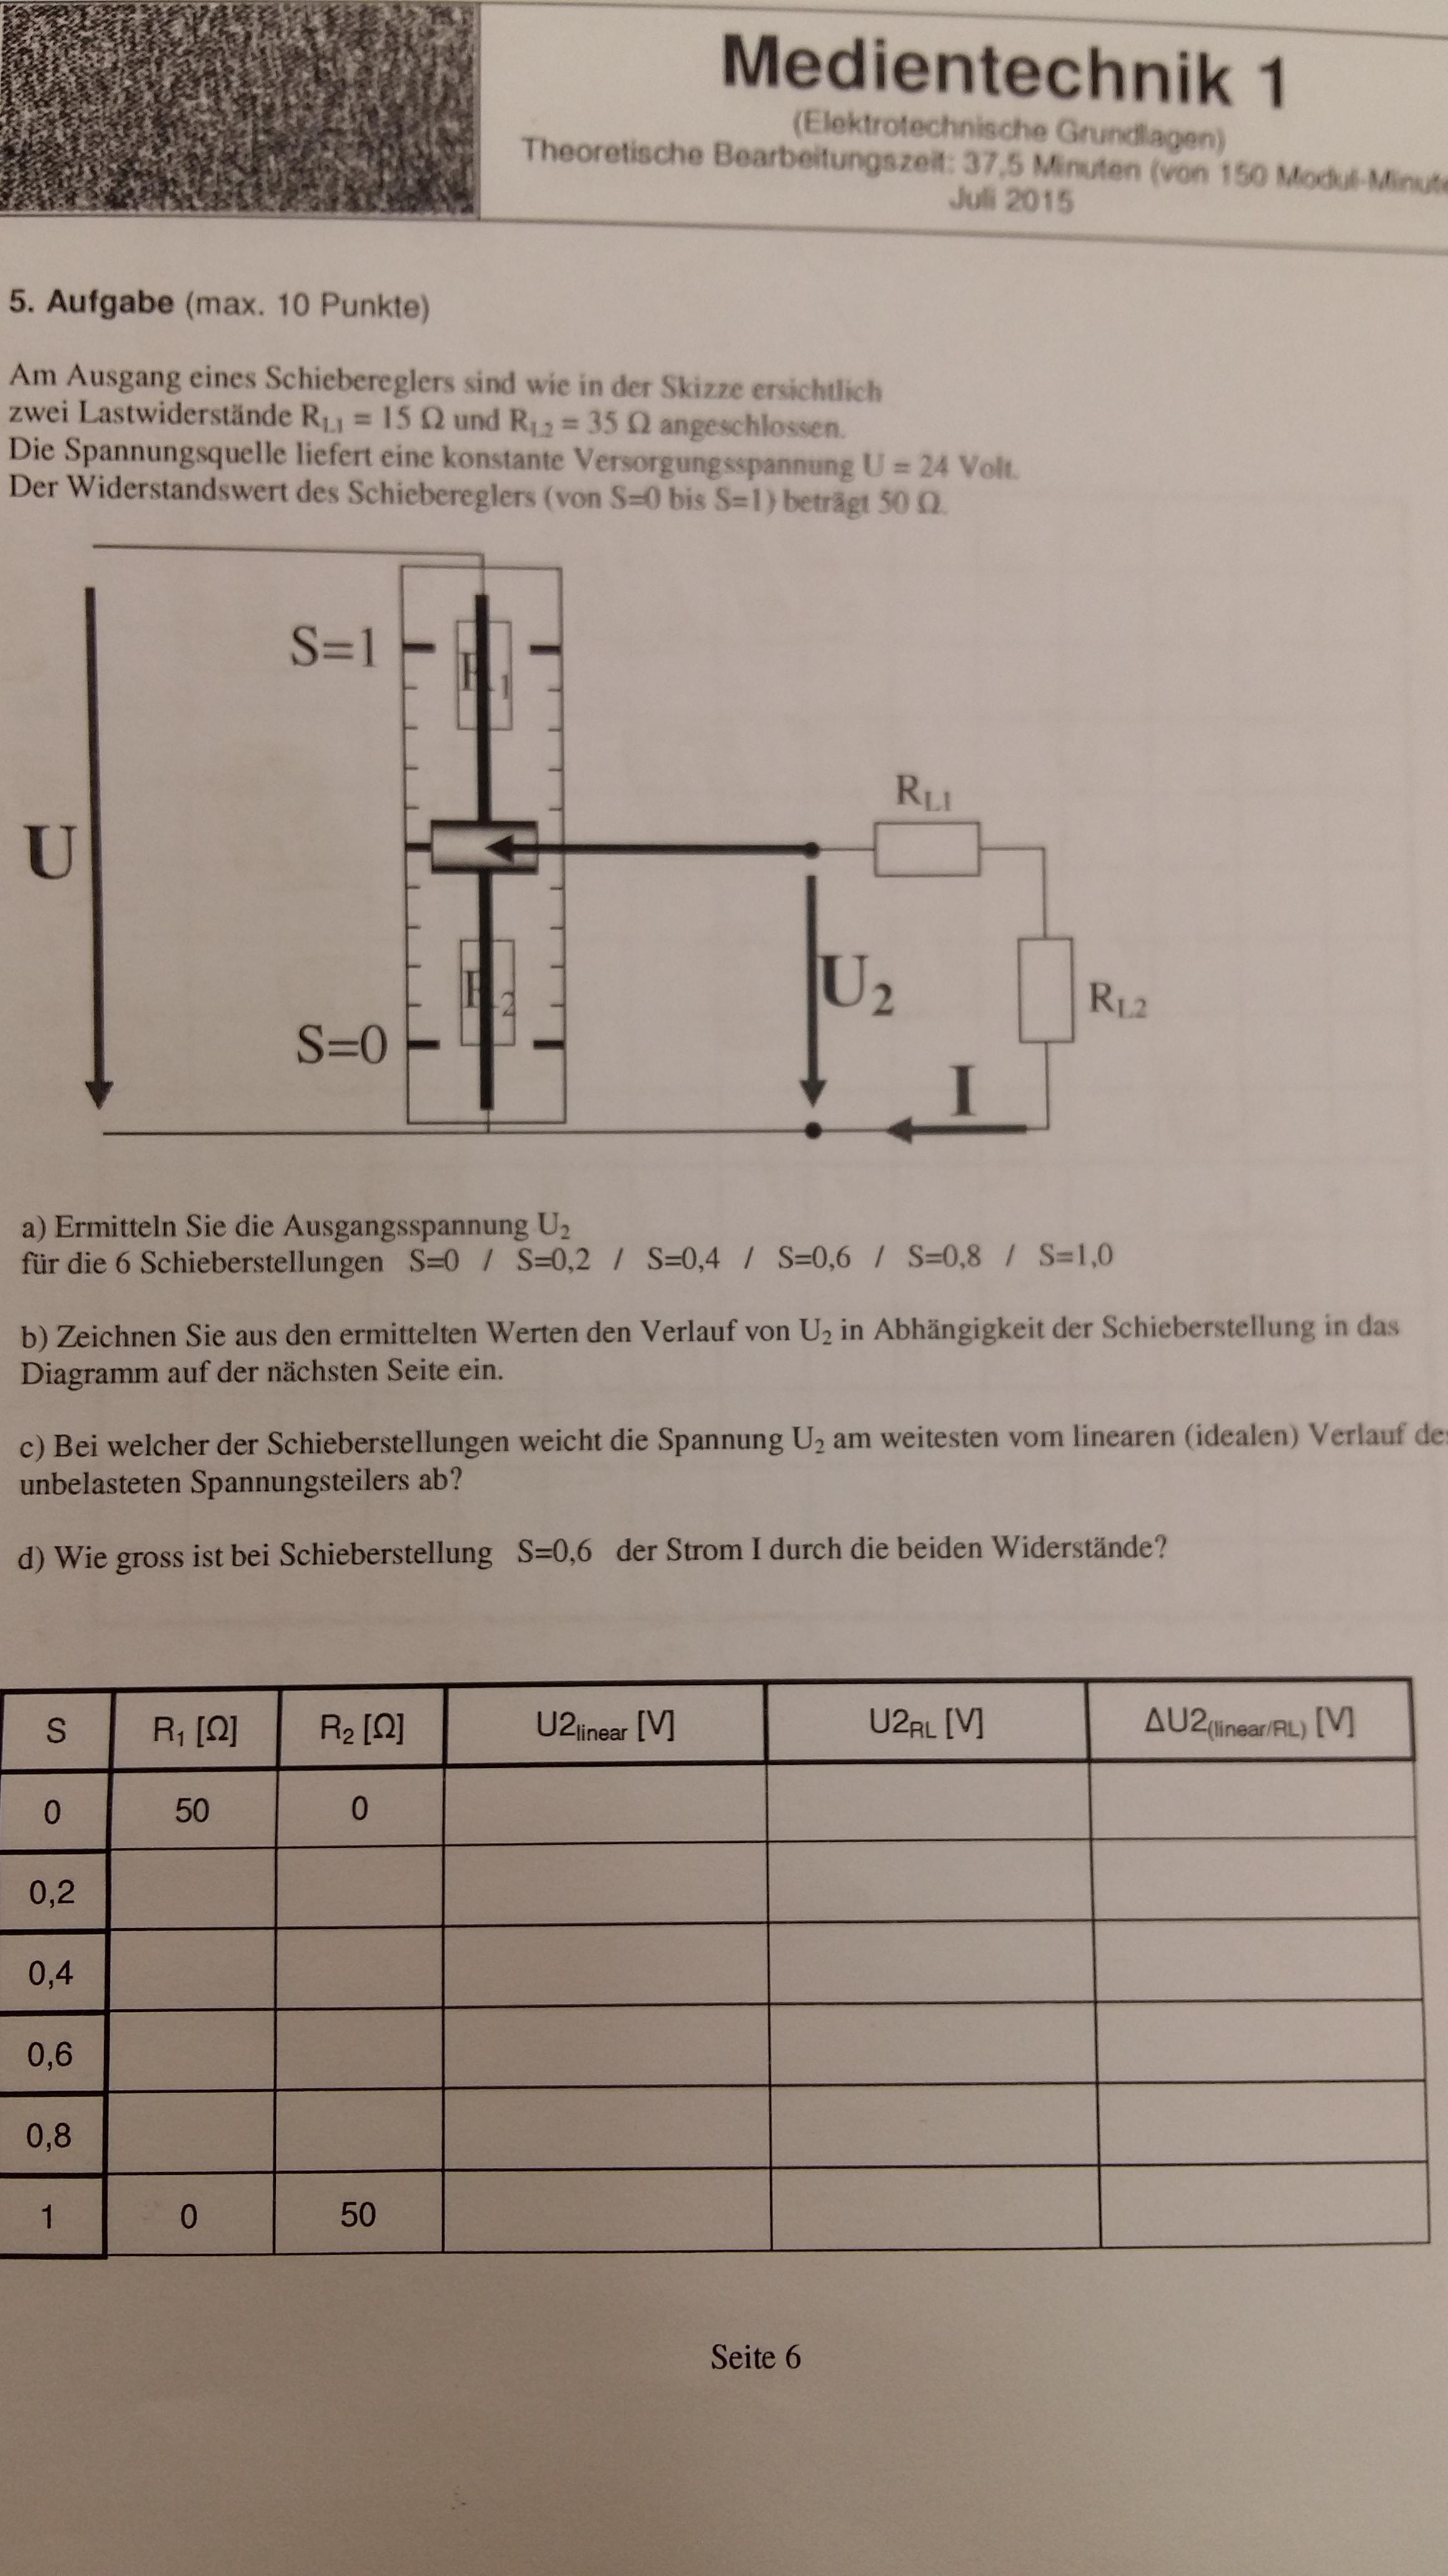 Elektrotechnik, Schieberegler? (Strom, Widerstand, Ohm)